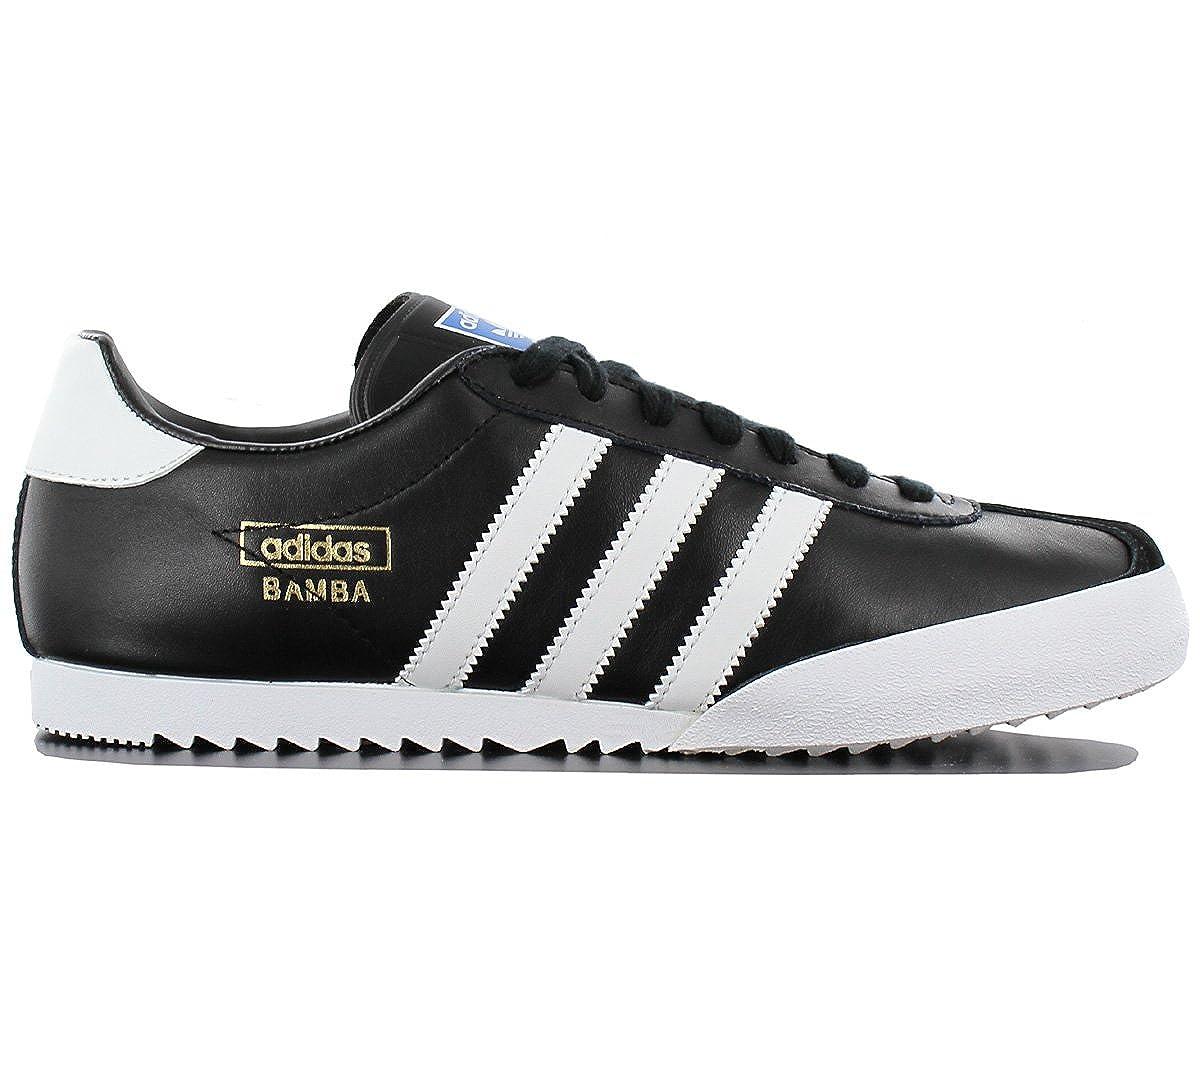 Adidas Bamba Color: Black Size: 9.5: Amazon.co.uk